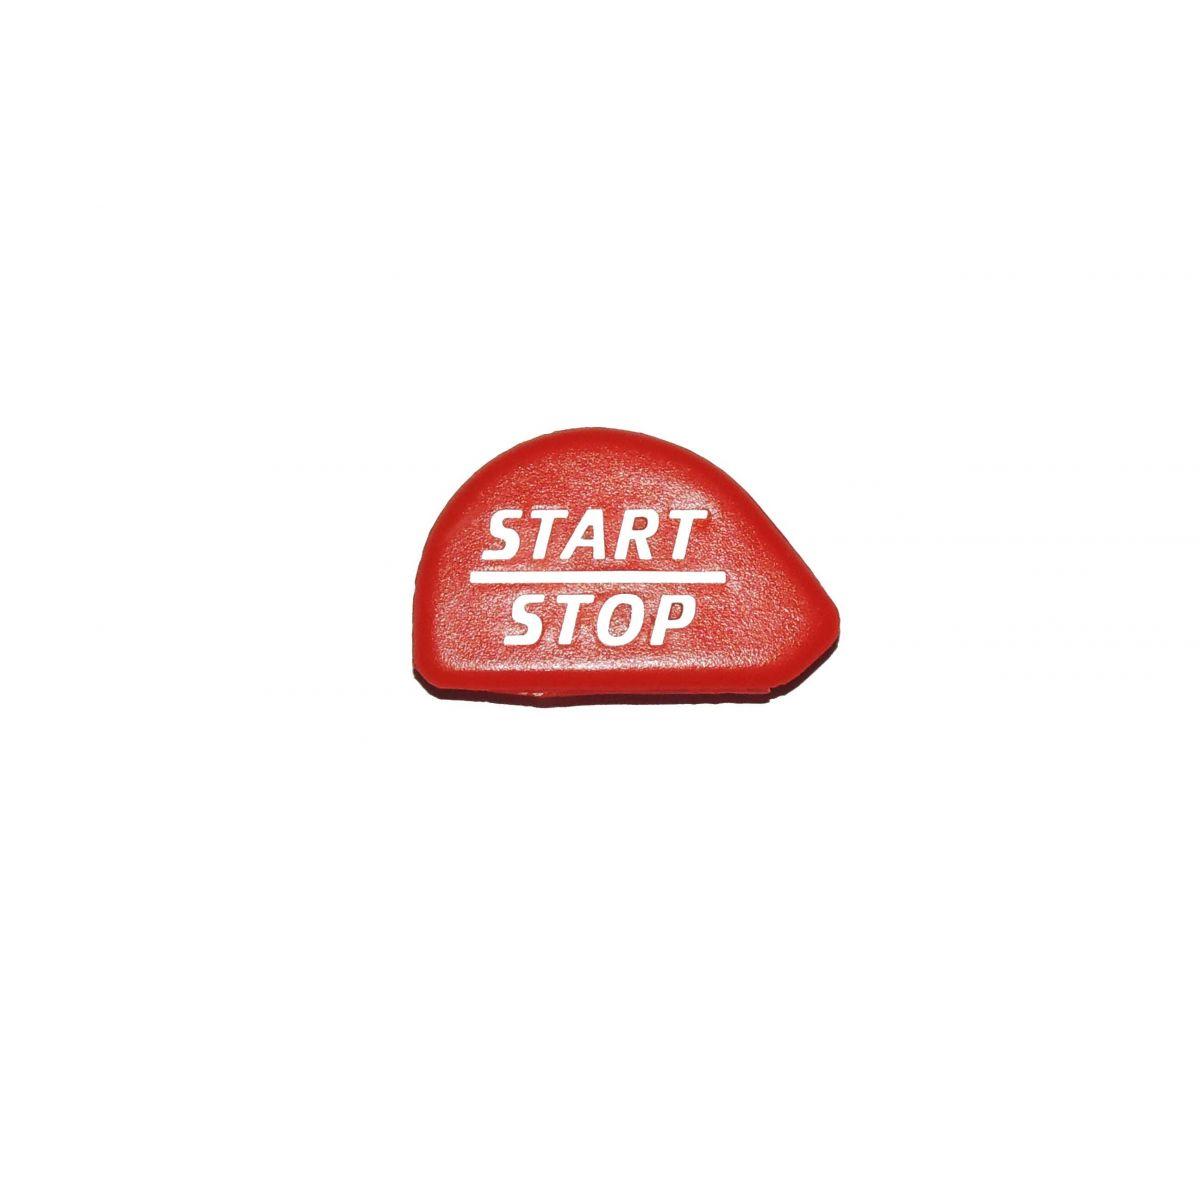 Capa para Botão Start Stop Jet Ski Sea Doo 4 TEC Original (Triângulo) 278001713  - Radical Peças - Peças para Jet Ski